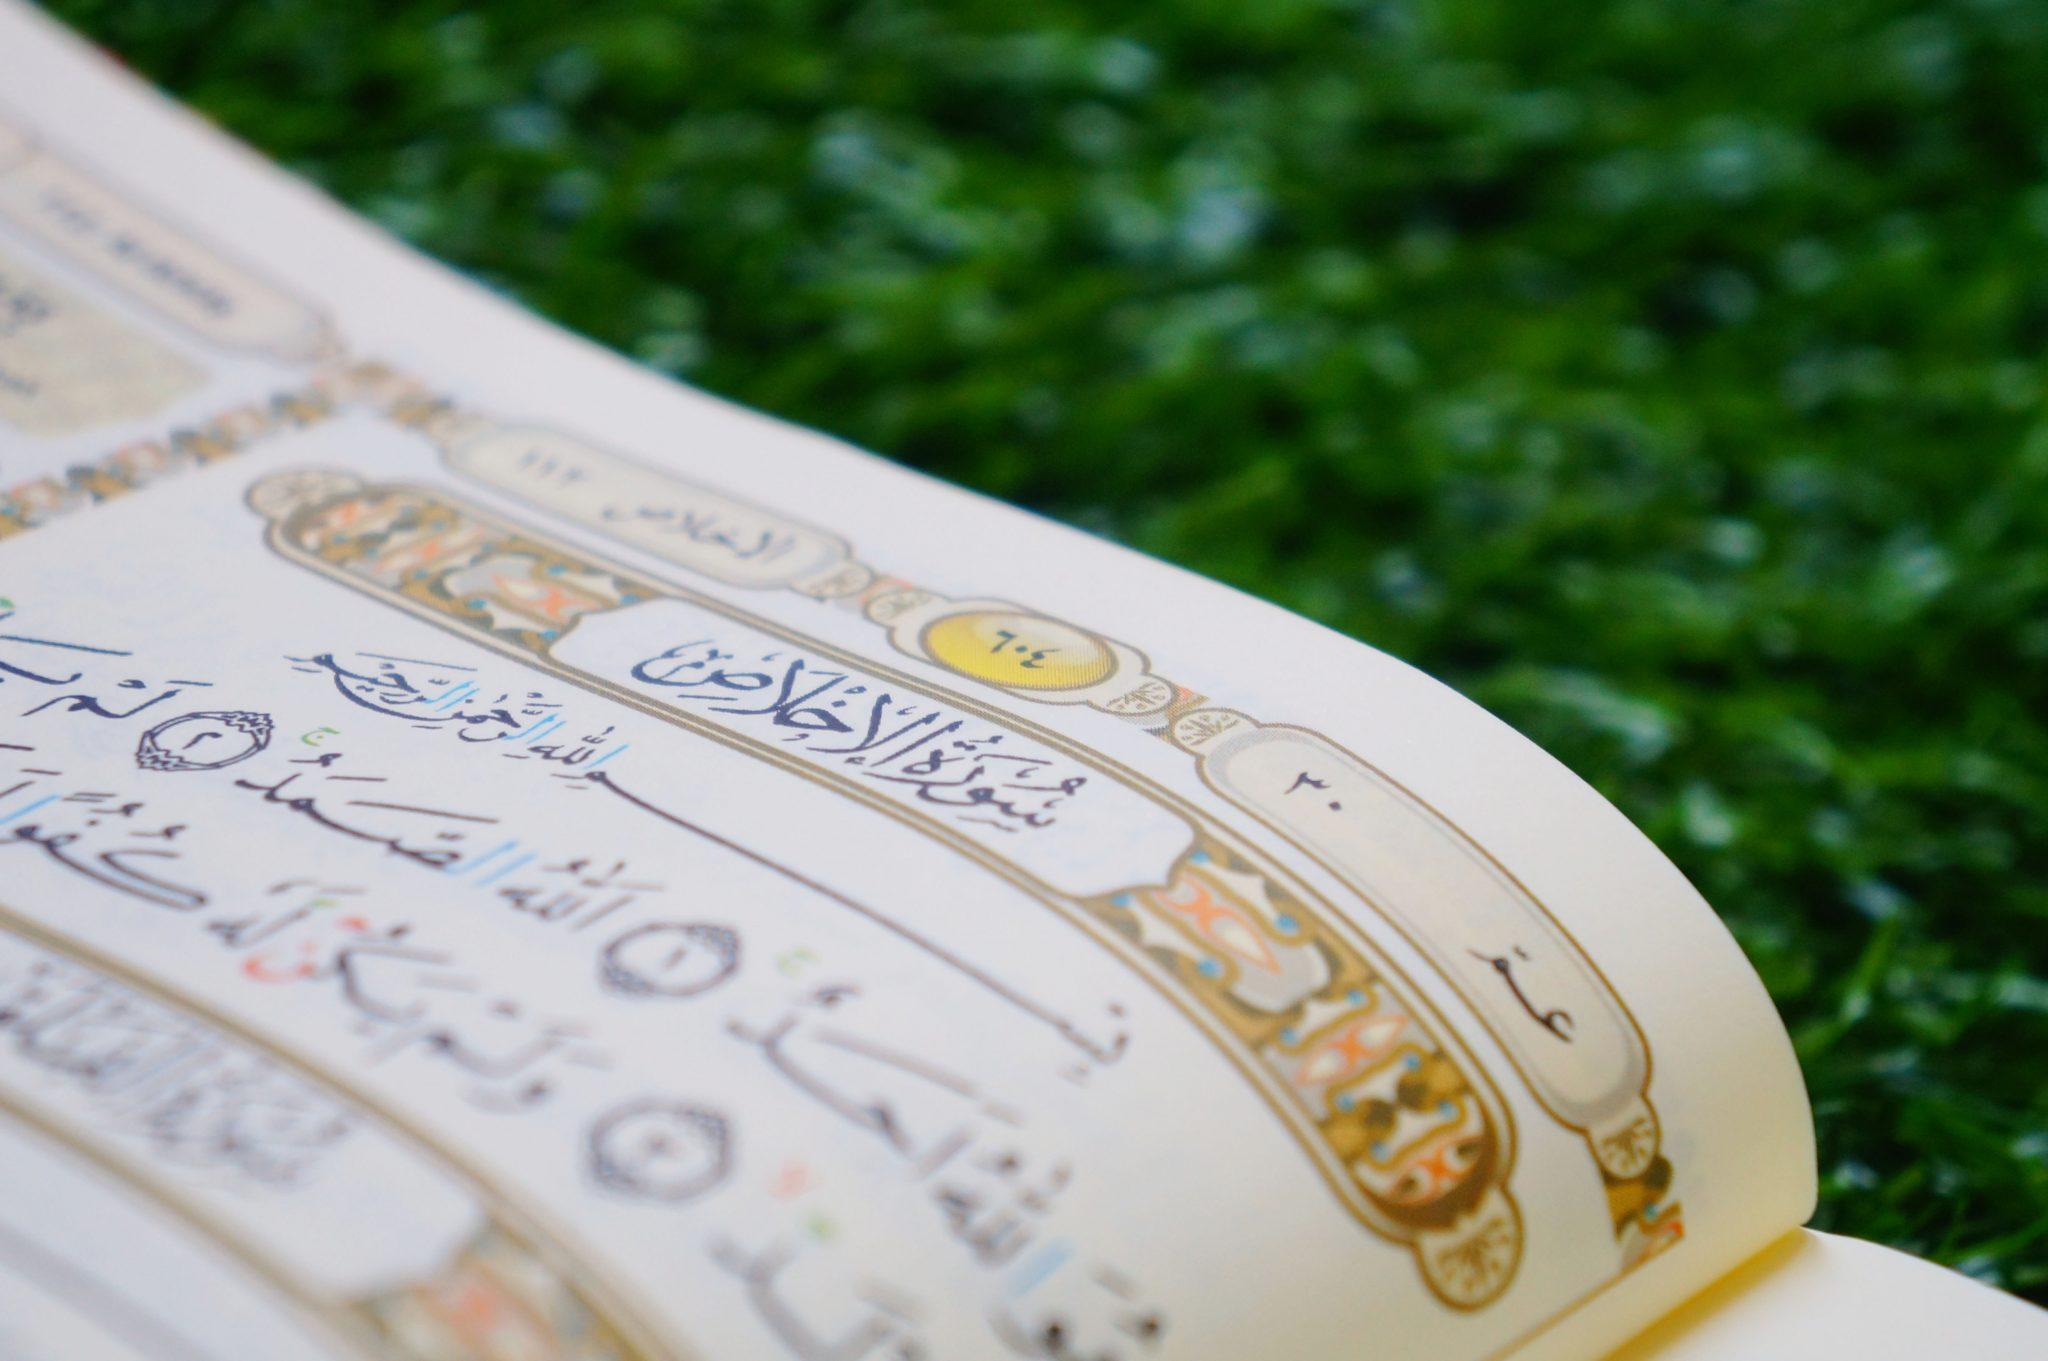 Surat Pendek Ini Setara Dengan Sepertiga Al Quran Suara Muslim